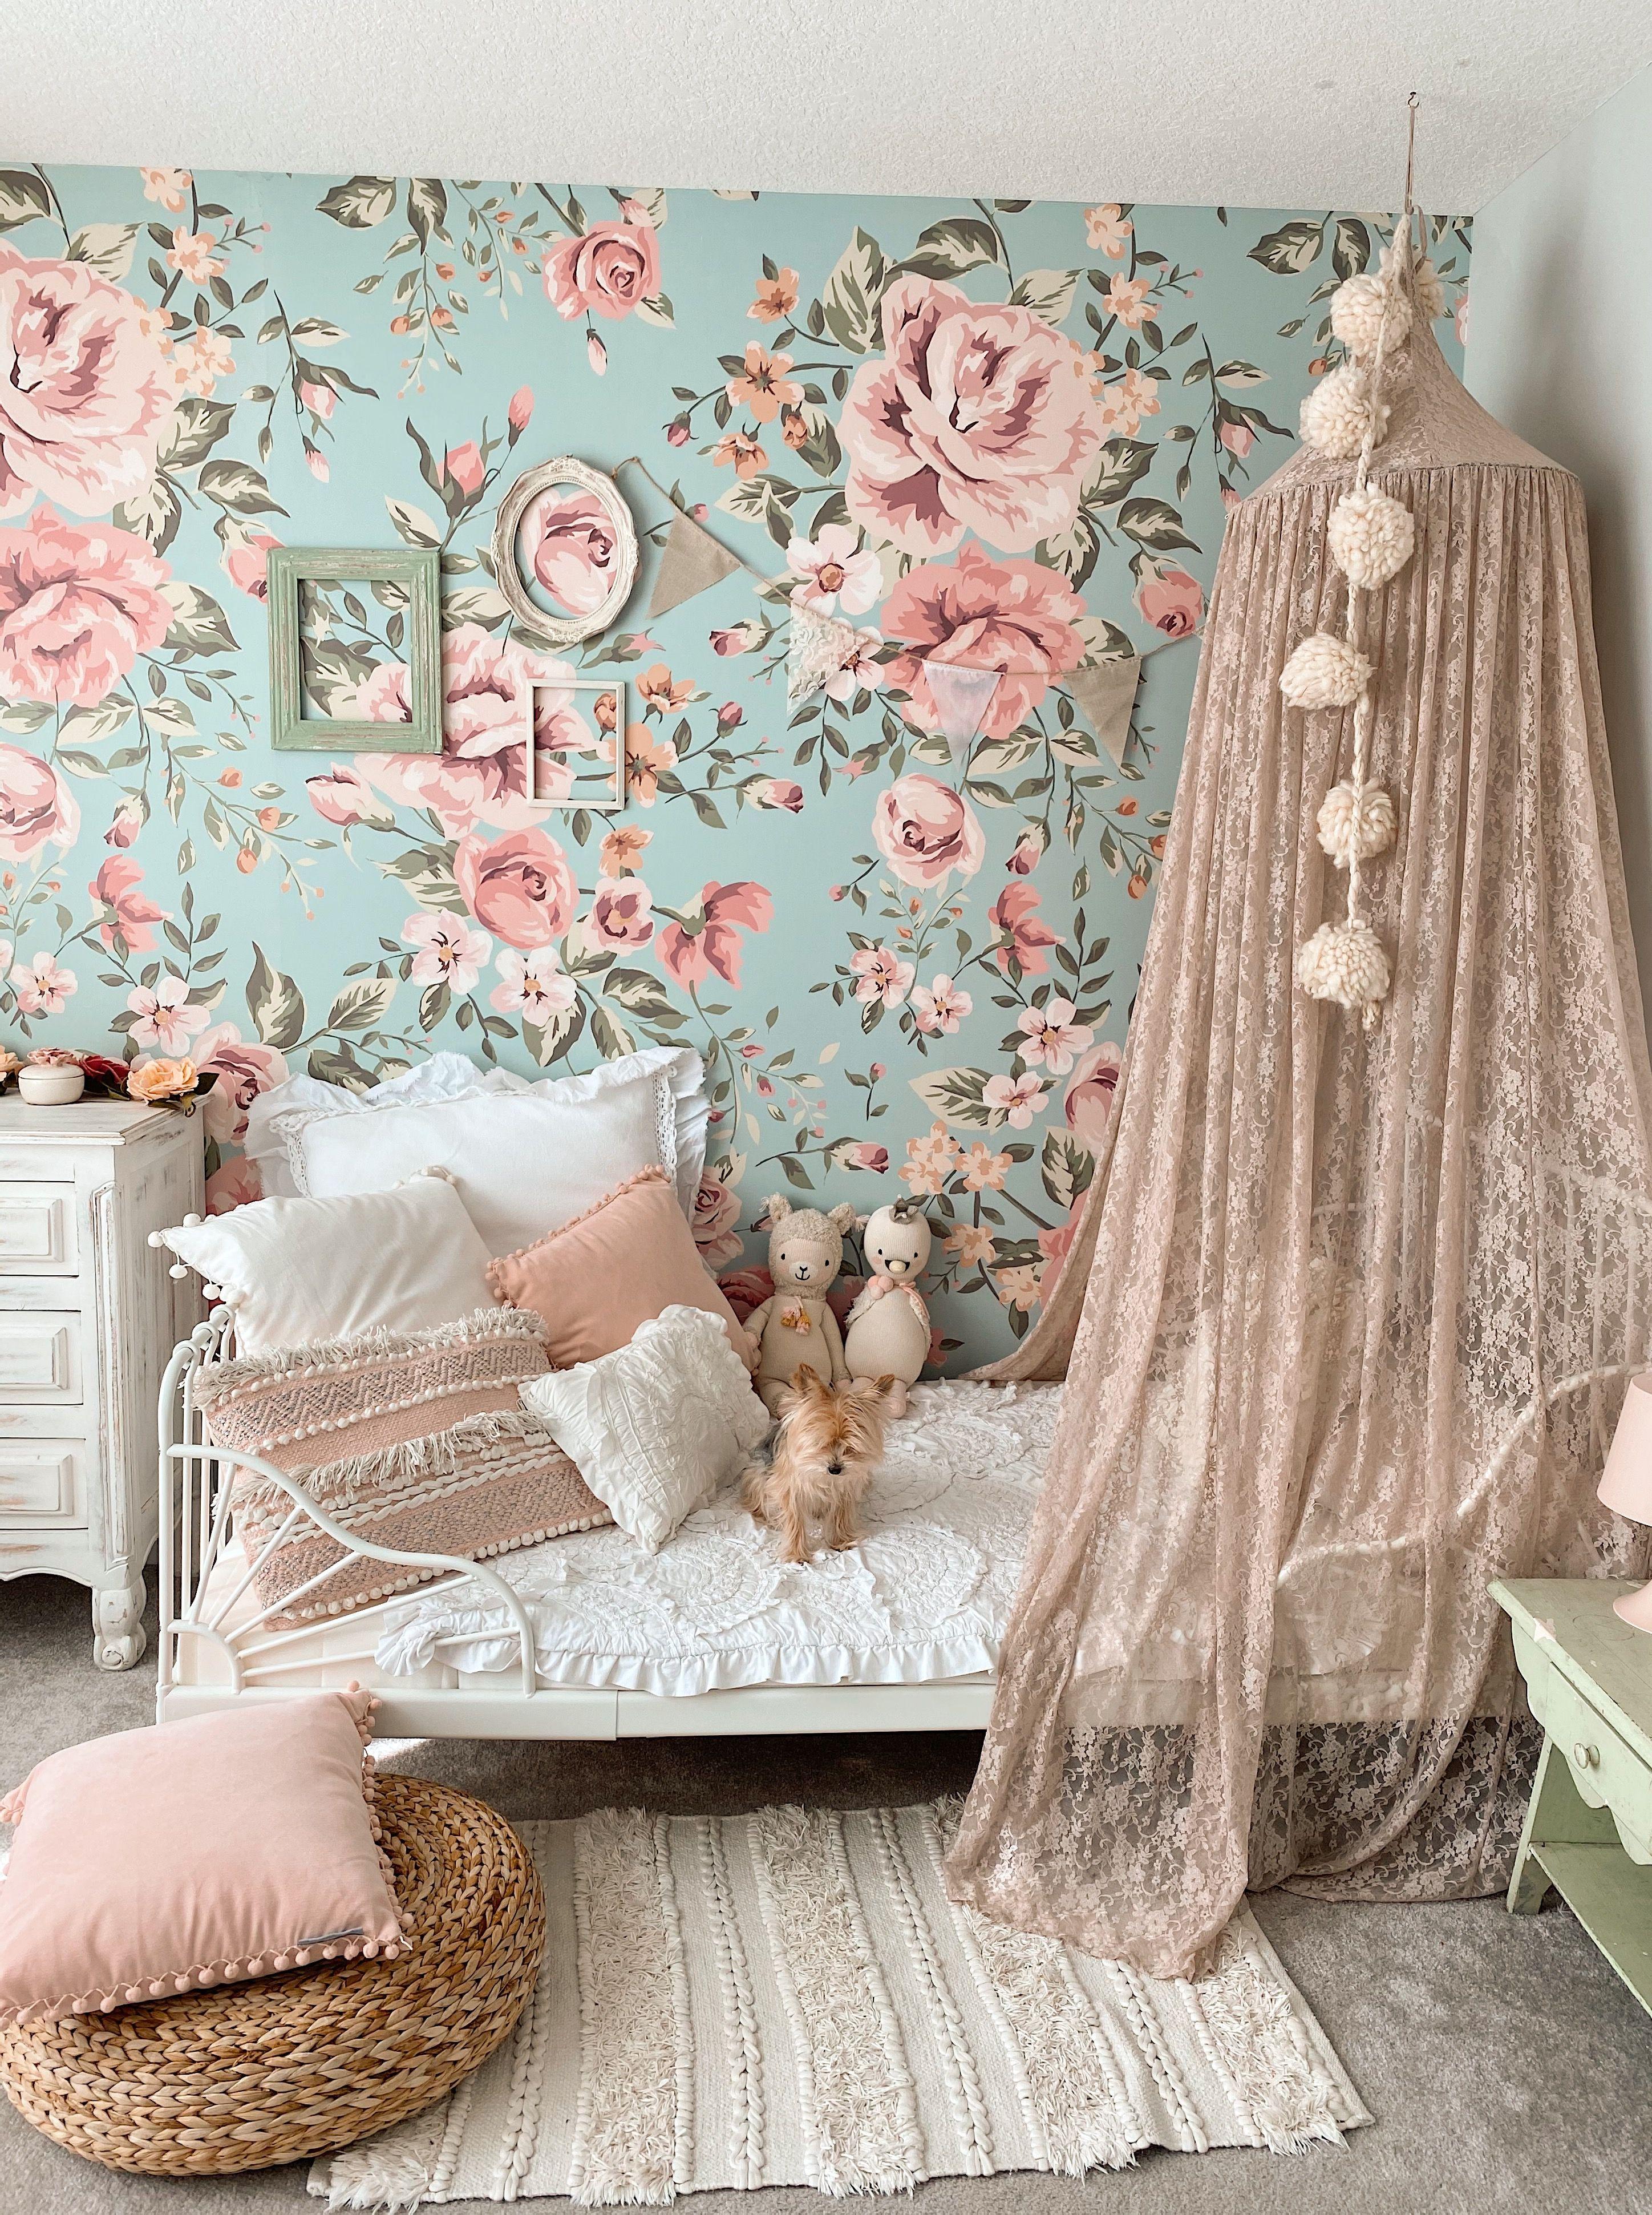 Floral Kids Wallpaper Vintage Kids Room Girls Bedroom Wallpaper Girl Bedroom Decor Flower bedroom wallpaper images